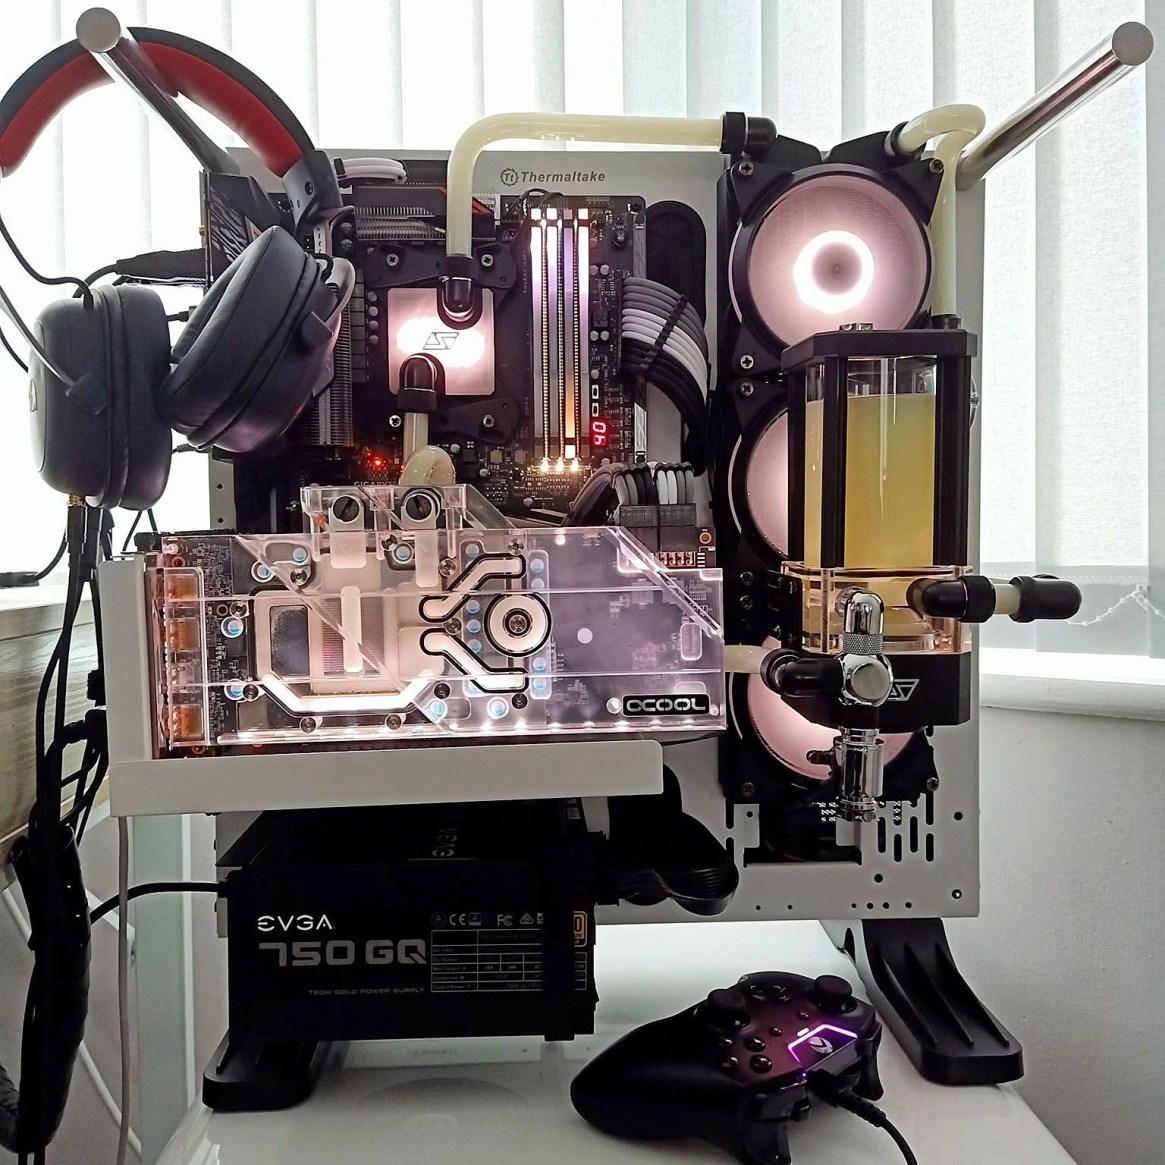 AMD Ryzen 7 Gaming Rig